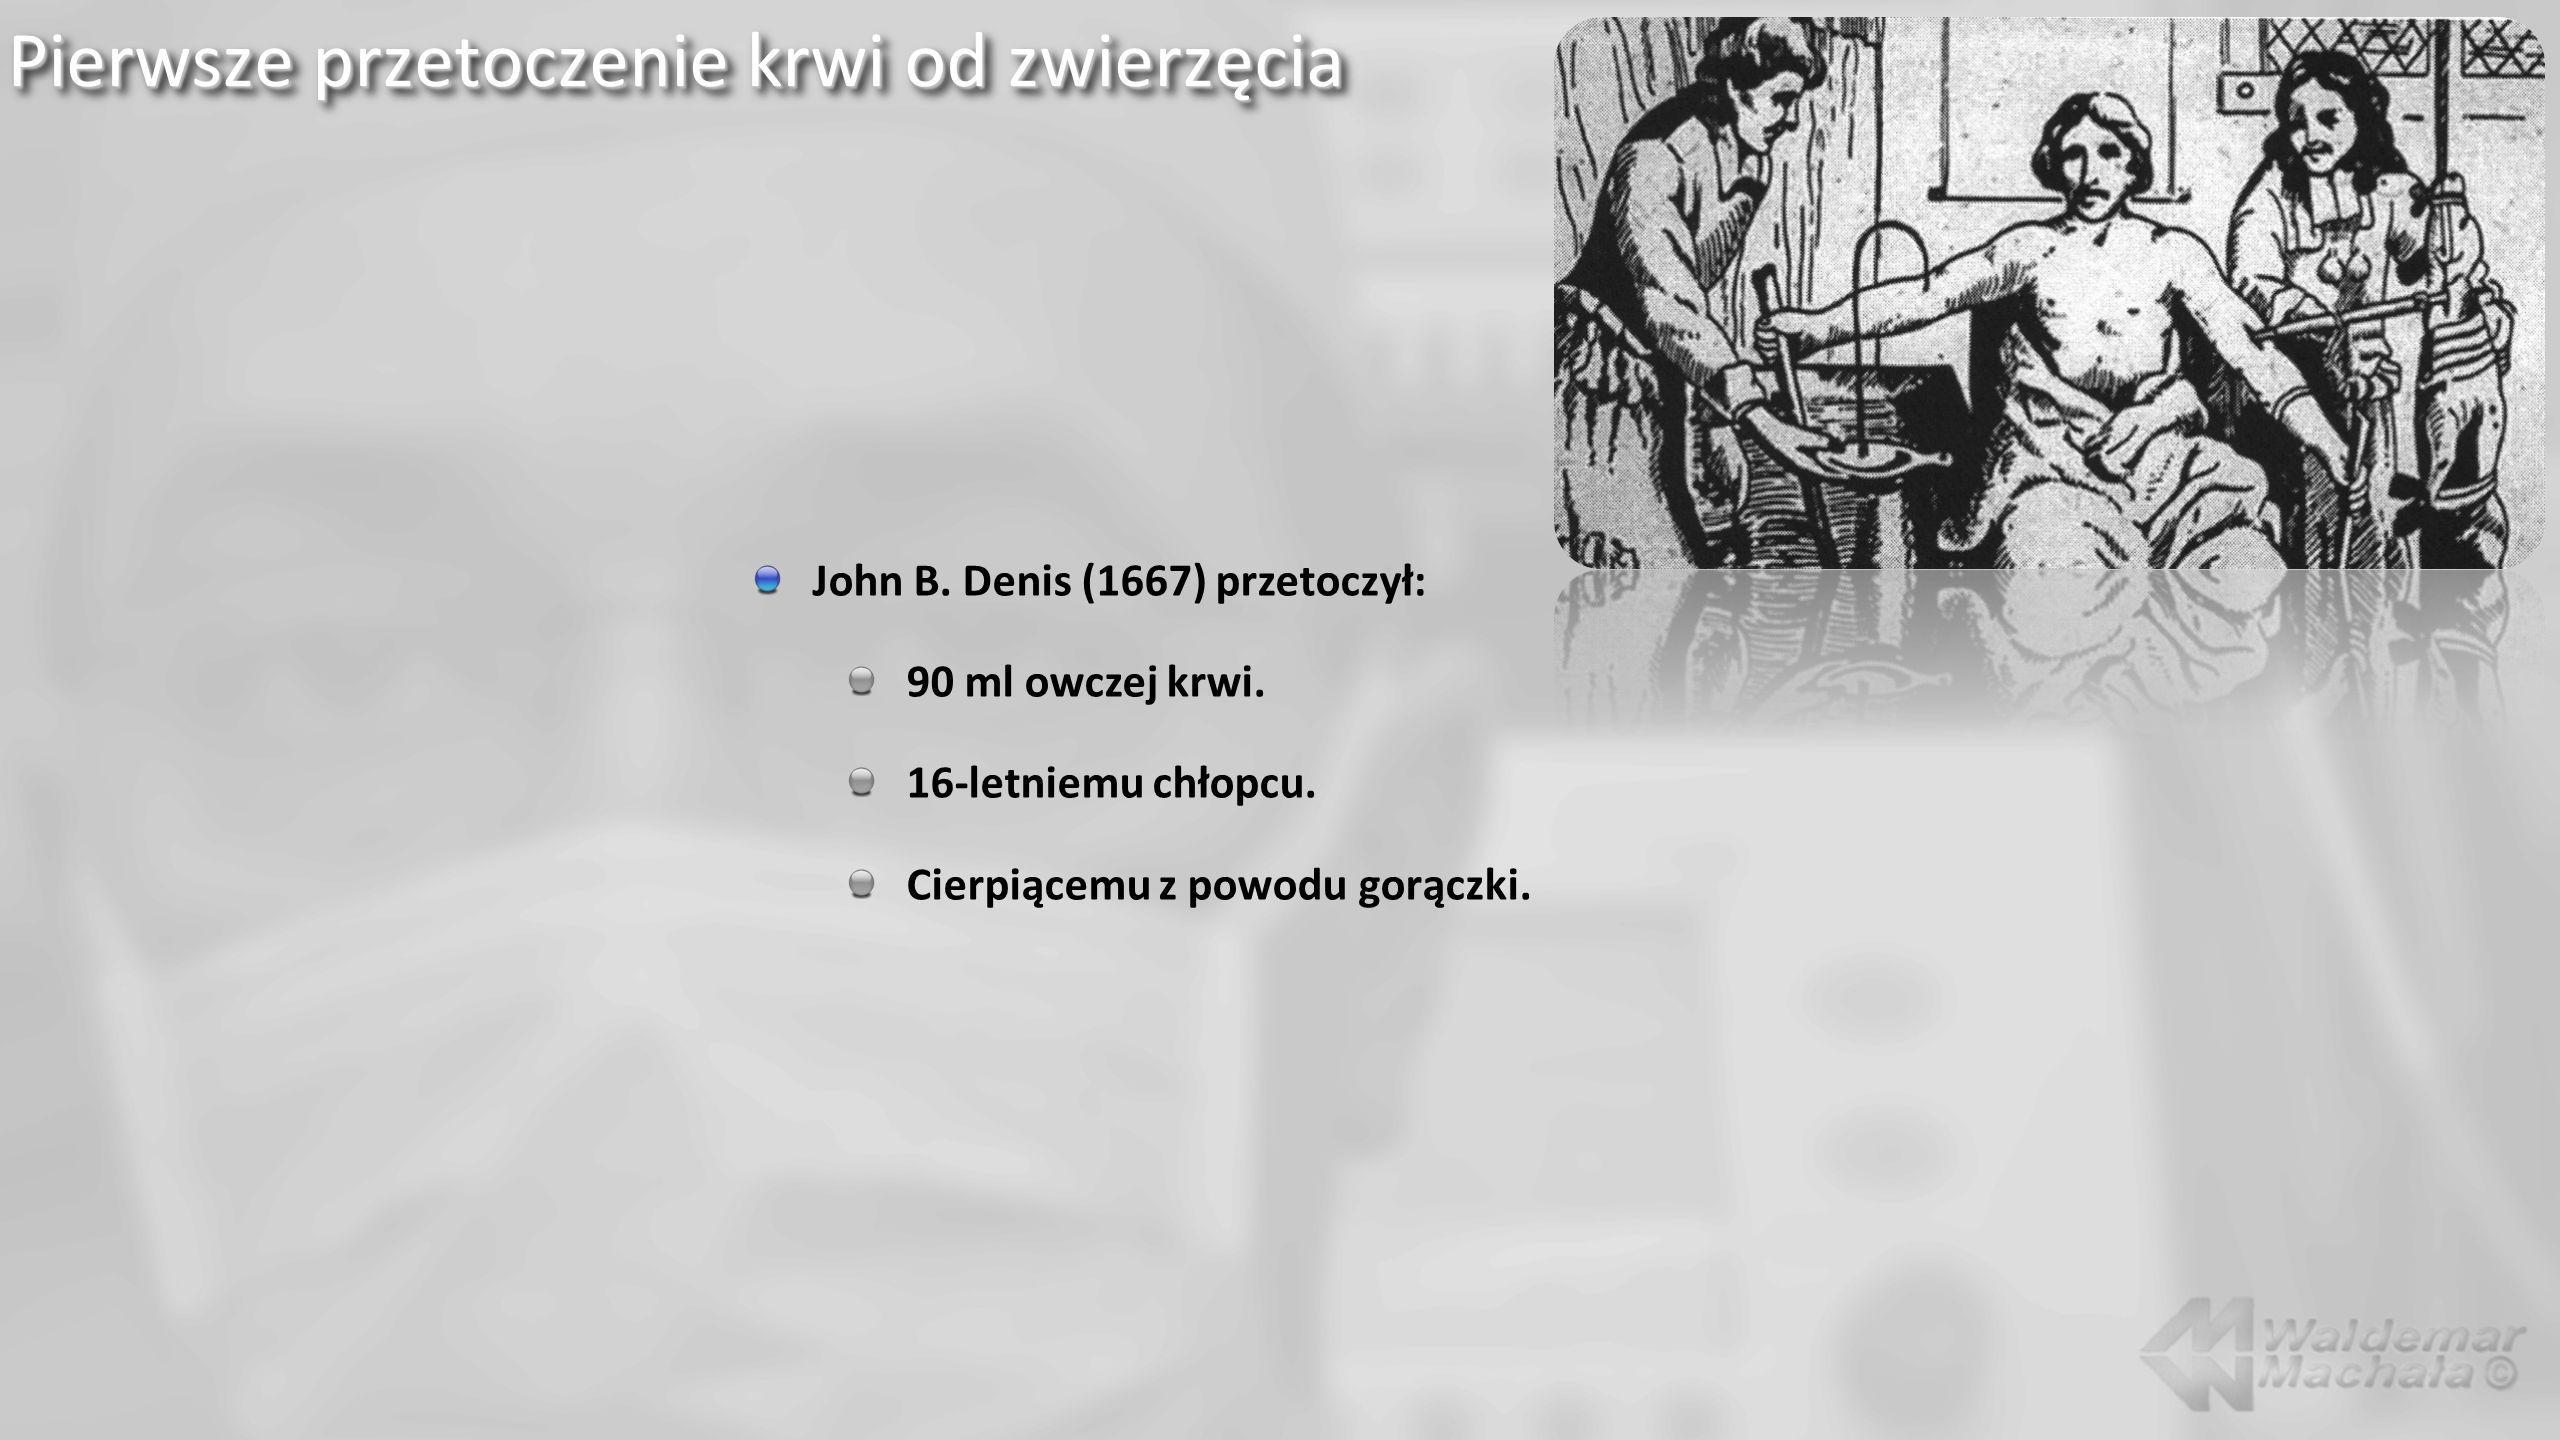 Pierwsze przetoczenie krwi od zwierzęcia John B.Denis (1667) przetoczył: 90 ml owczej krwi.